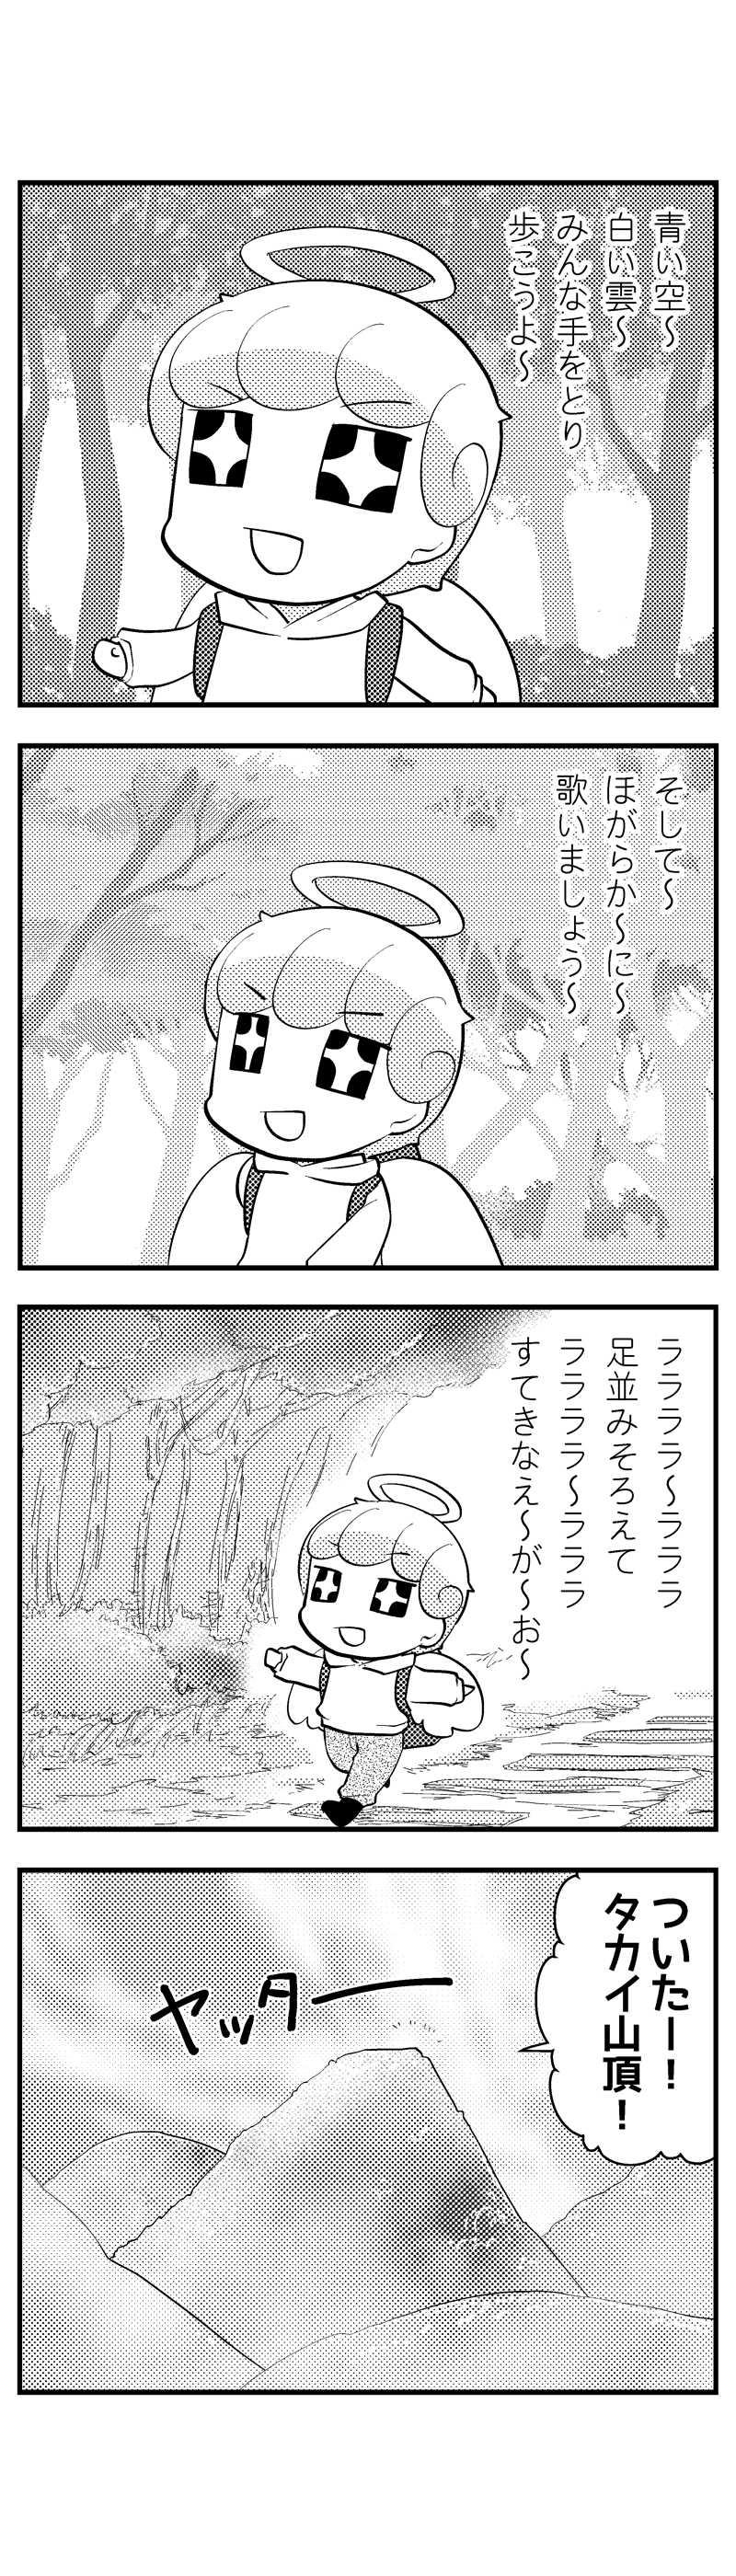 087 休暇登山